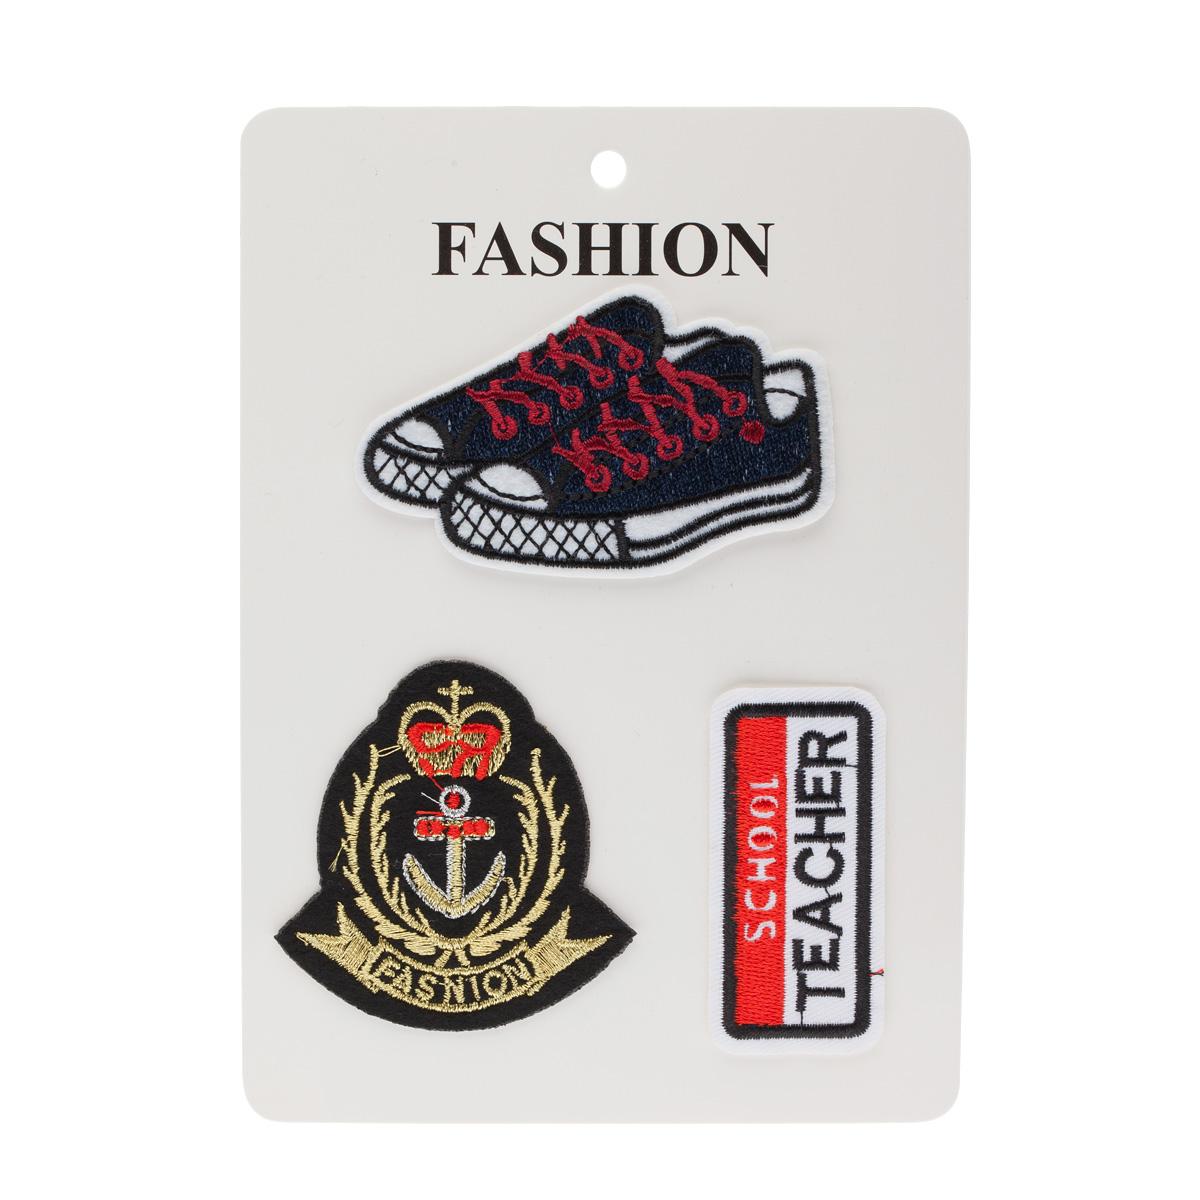 Наклейка Solowear, 3794-6